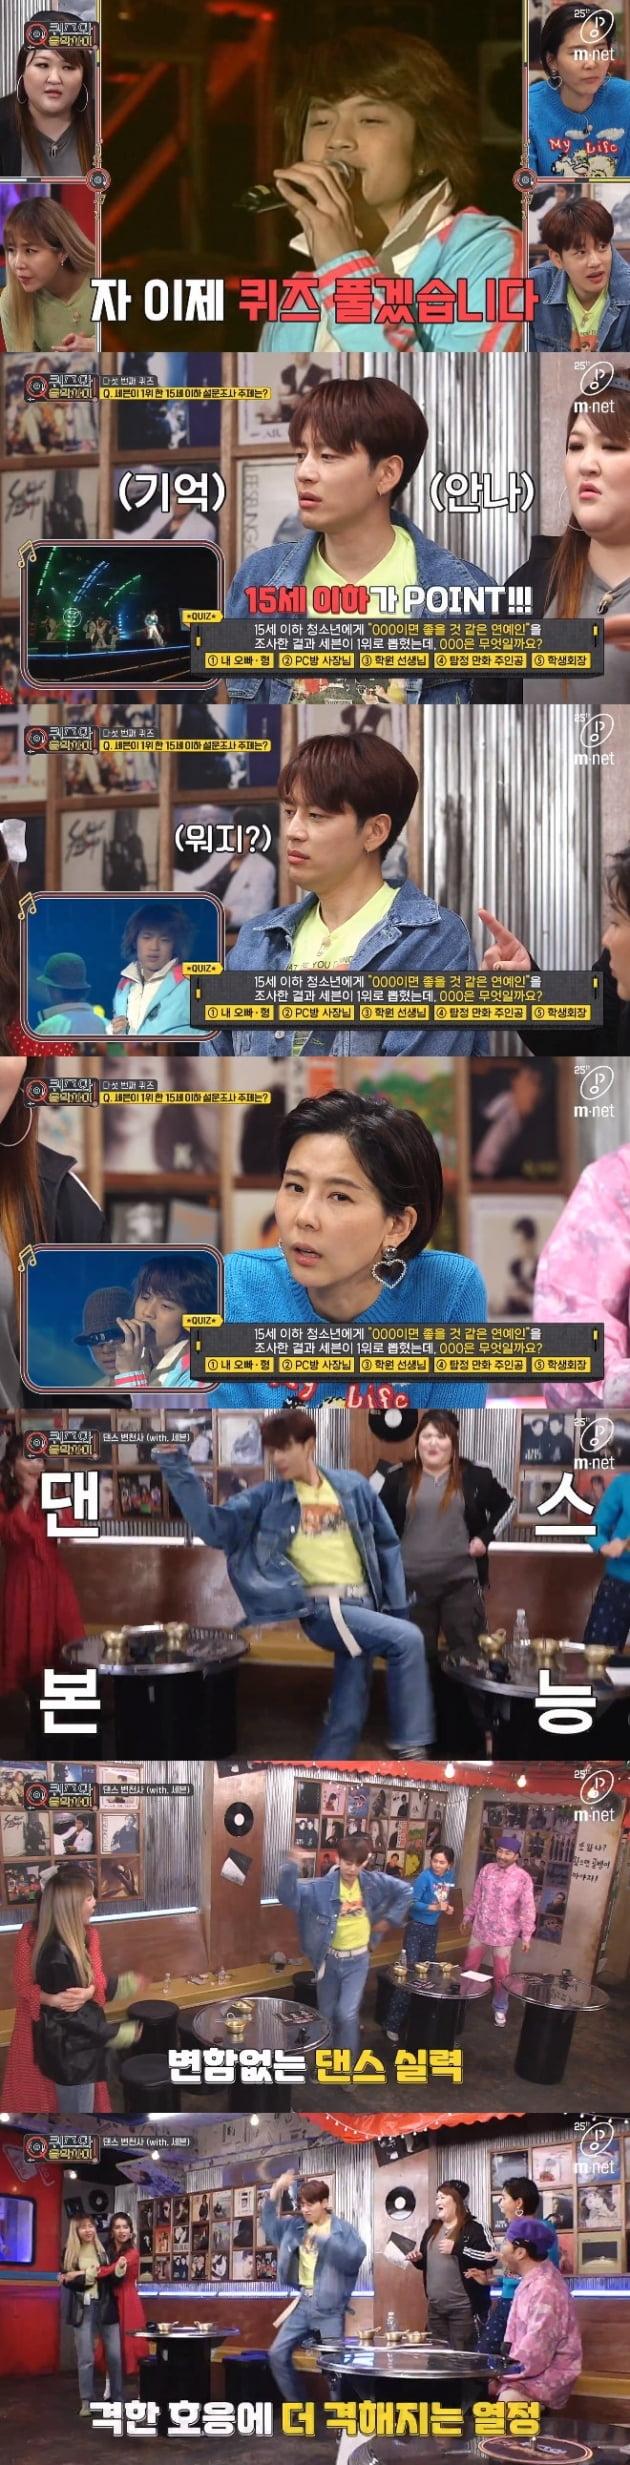 '퀴즈와 음악사이' 세븐 / 사진 = Mnet 영상 캡처